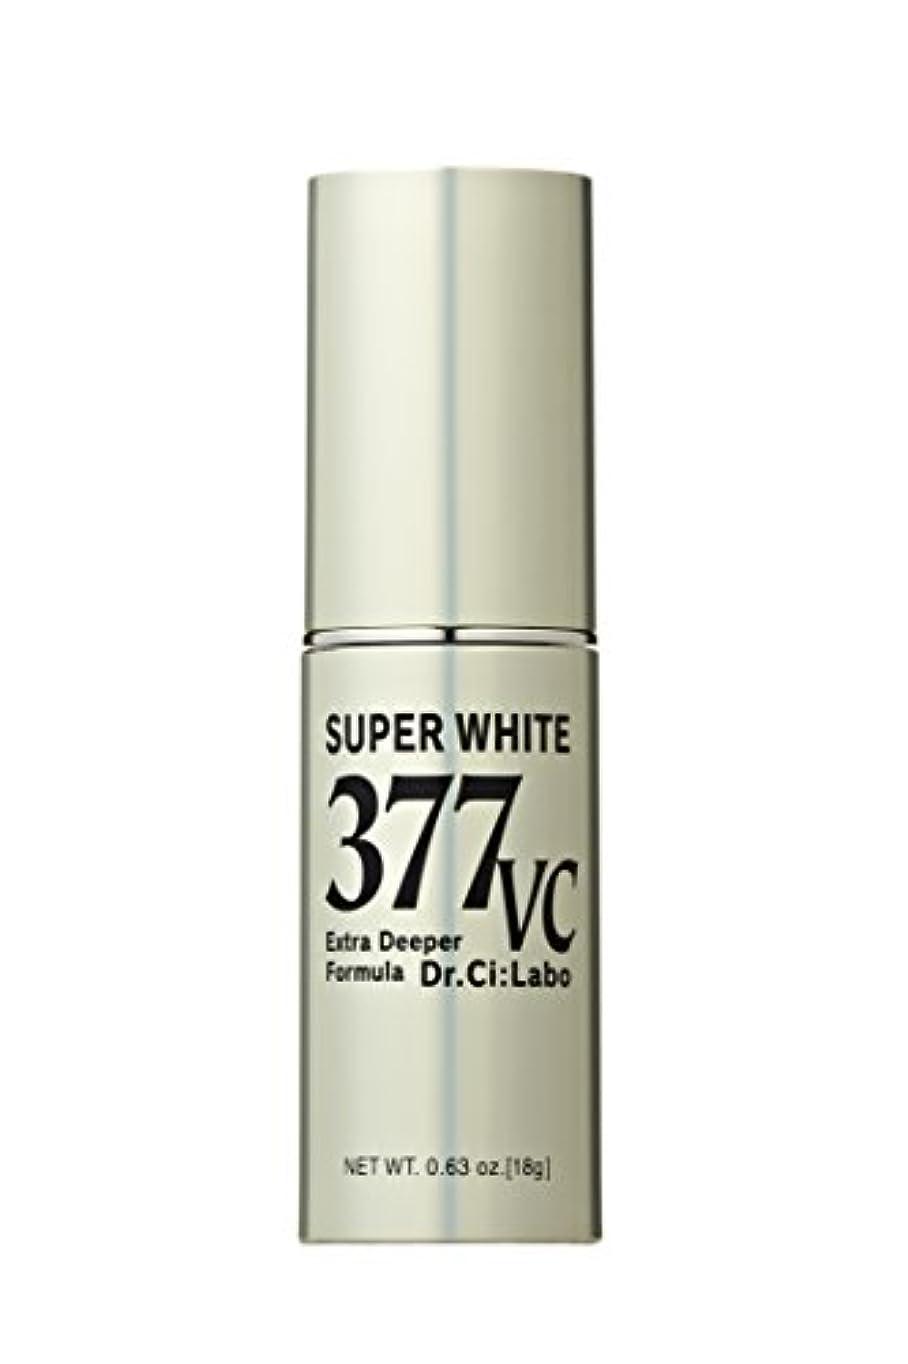 革命的レジデンスお金ゴムドクターシーラボ スーパーホワイト377VC(ブイシー) 高浸透ビタミンC 美容液 単品 18g